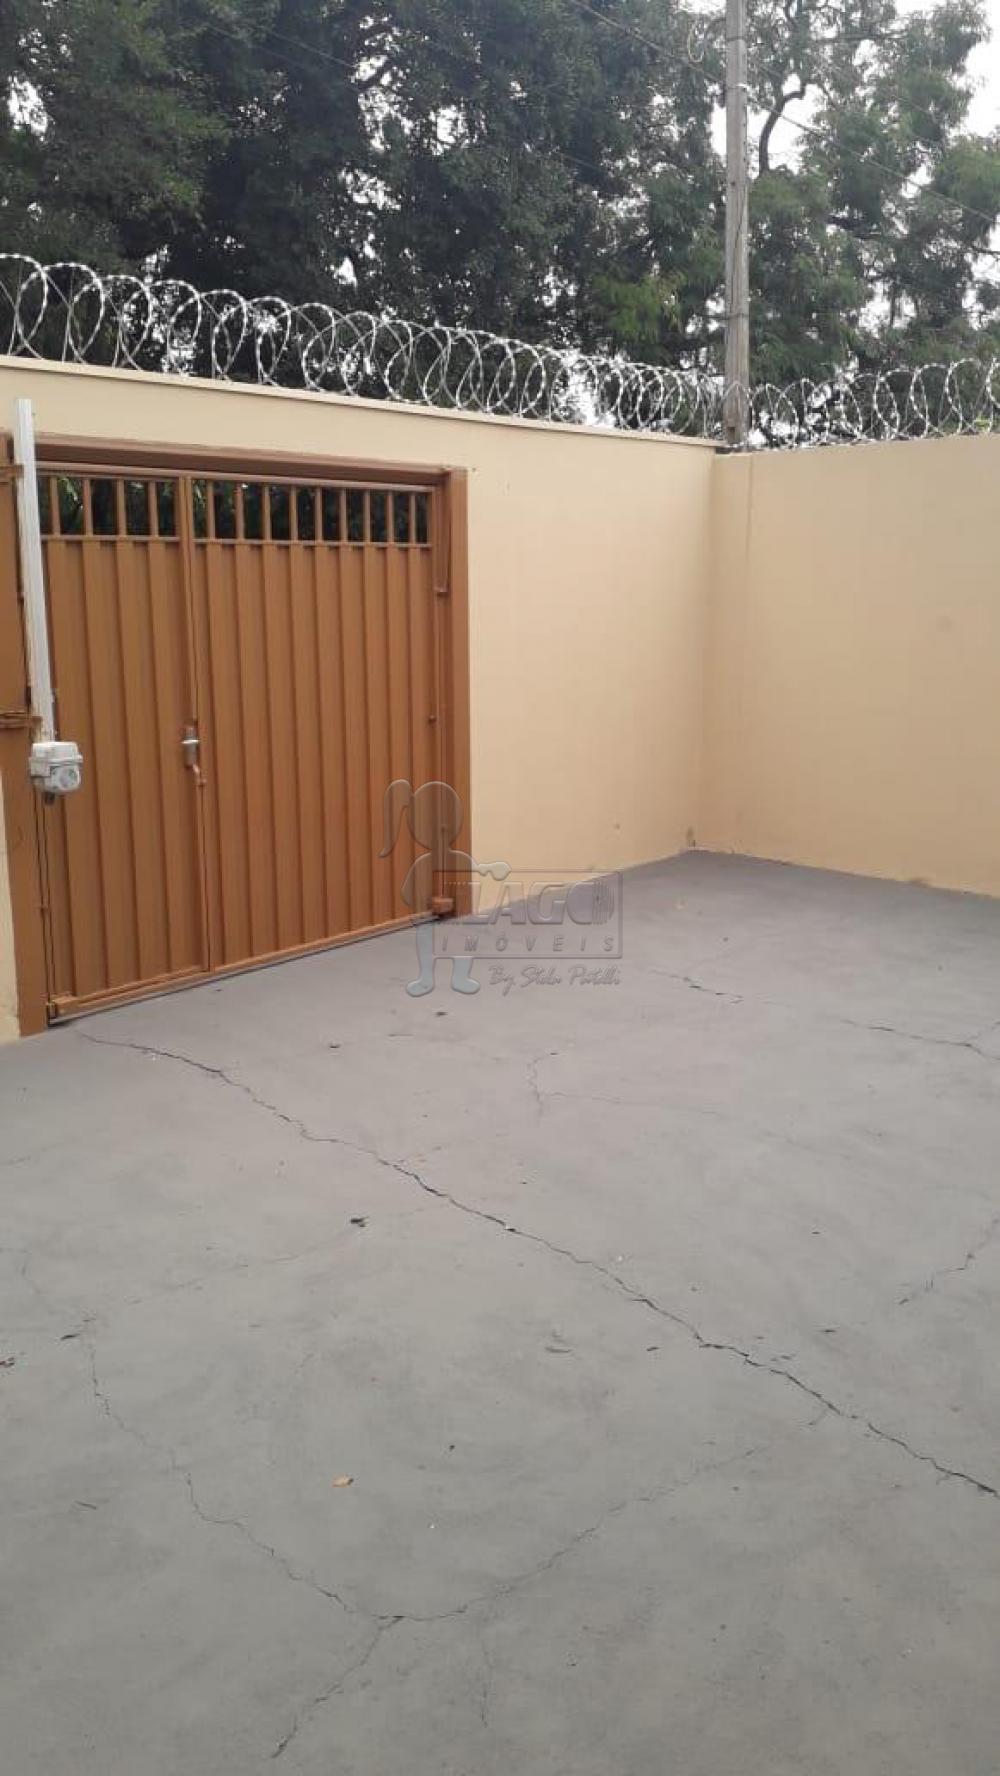 Comprar Casas / Padrão em Ribeirão Preto apenas R$ 180.000,00 - Foto 19